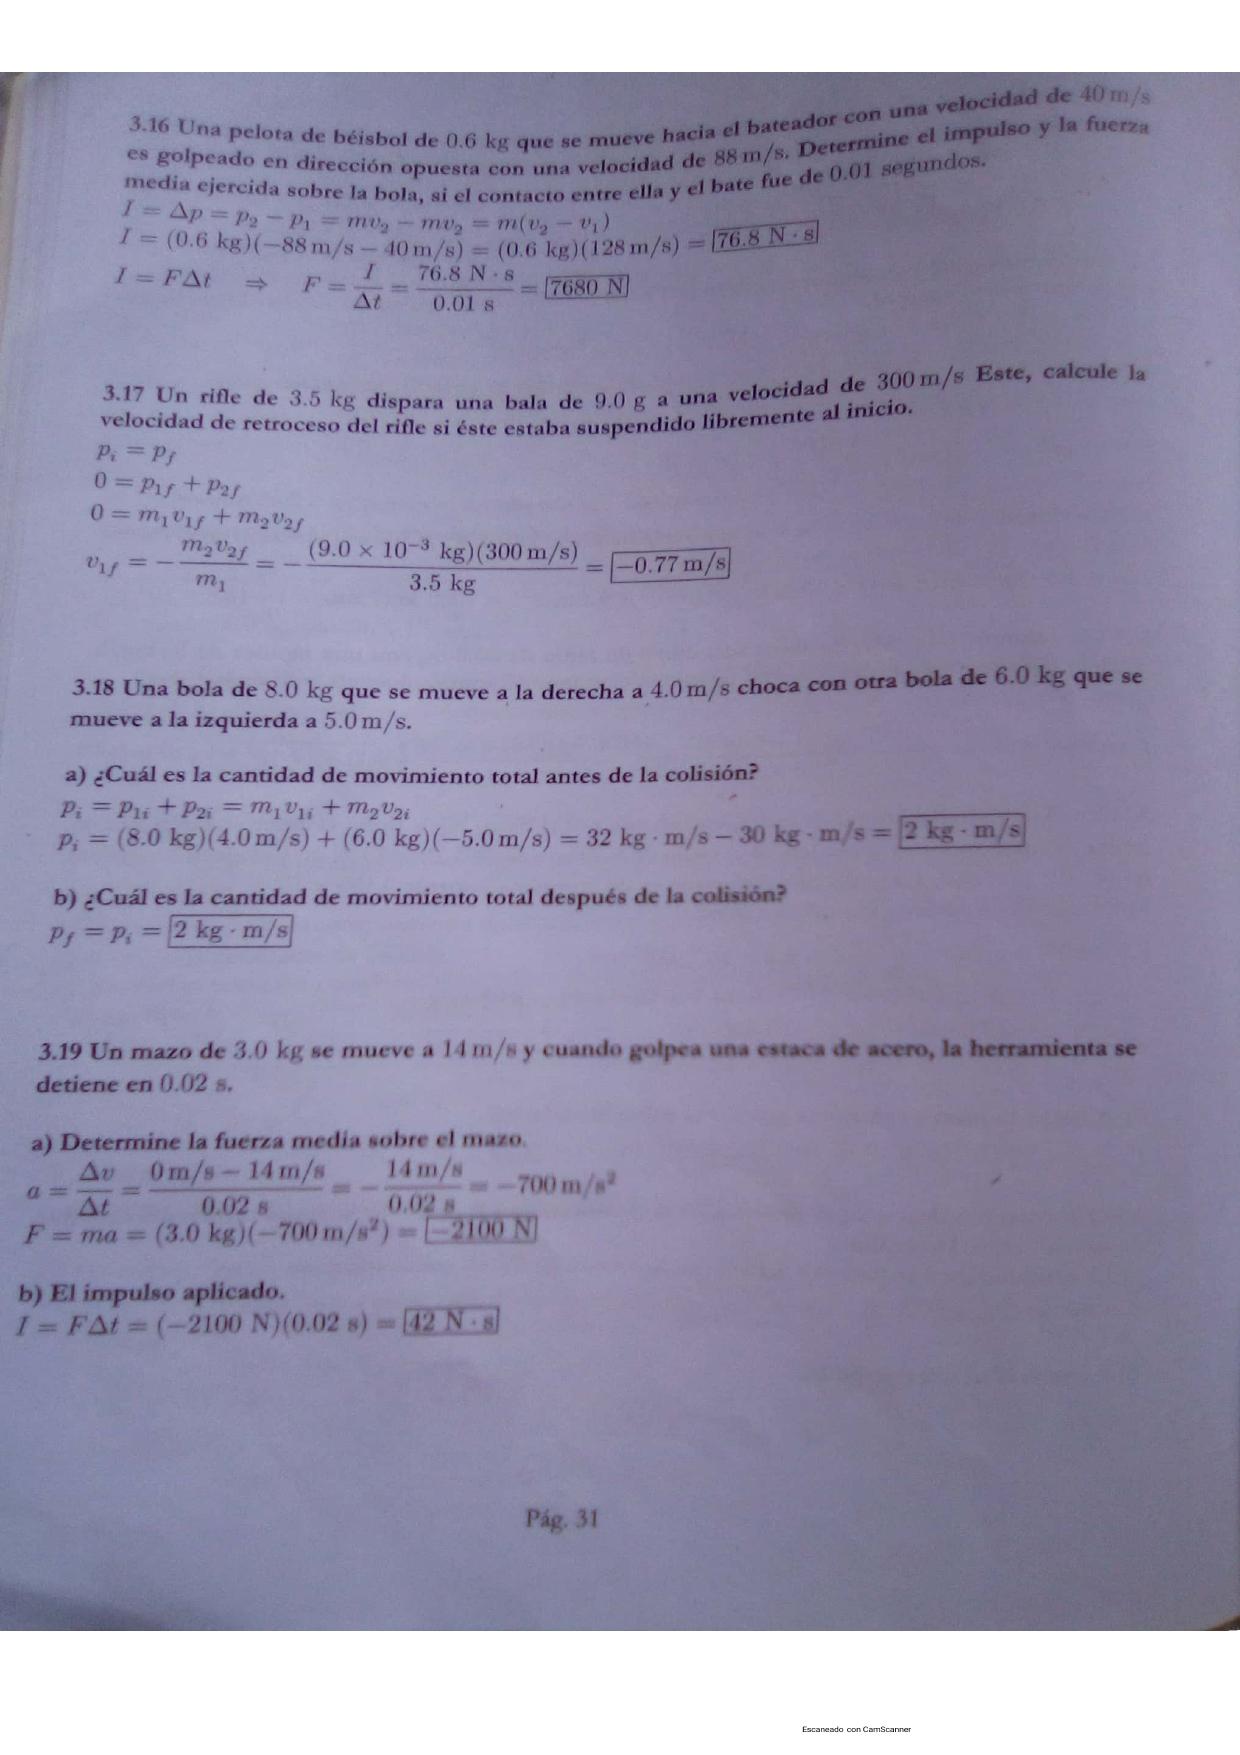 cuaderno-de-trabajo-f-sica-b-sica-page-0030